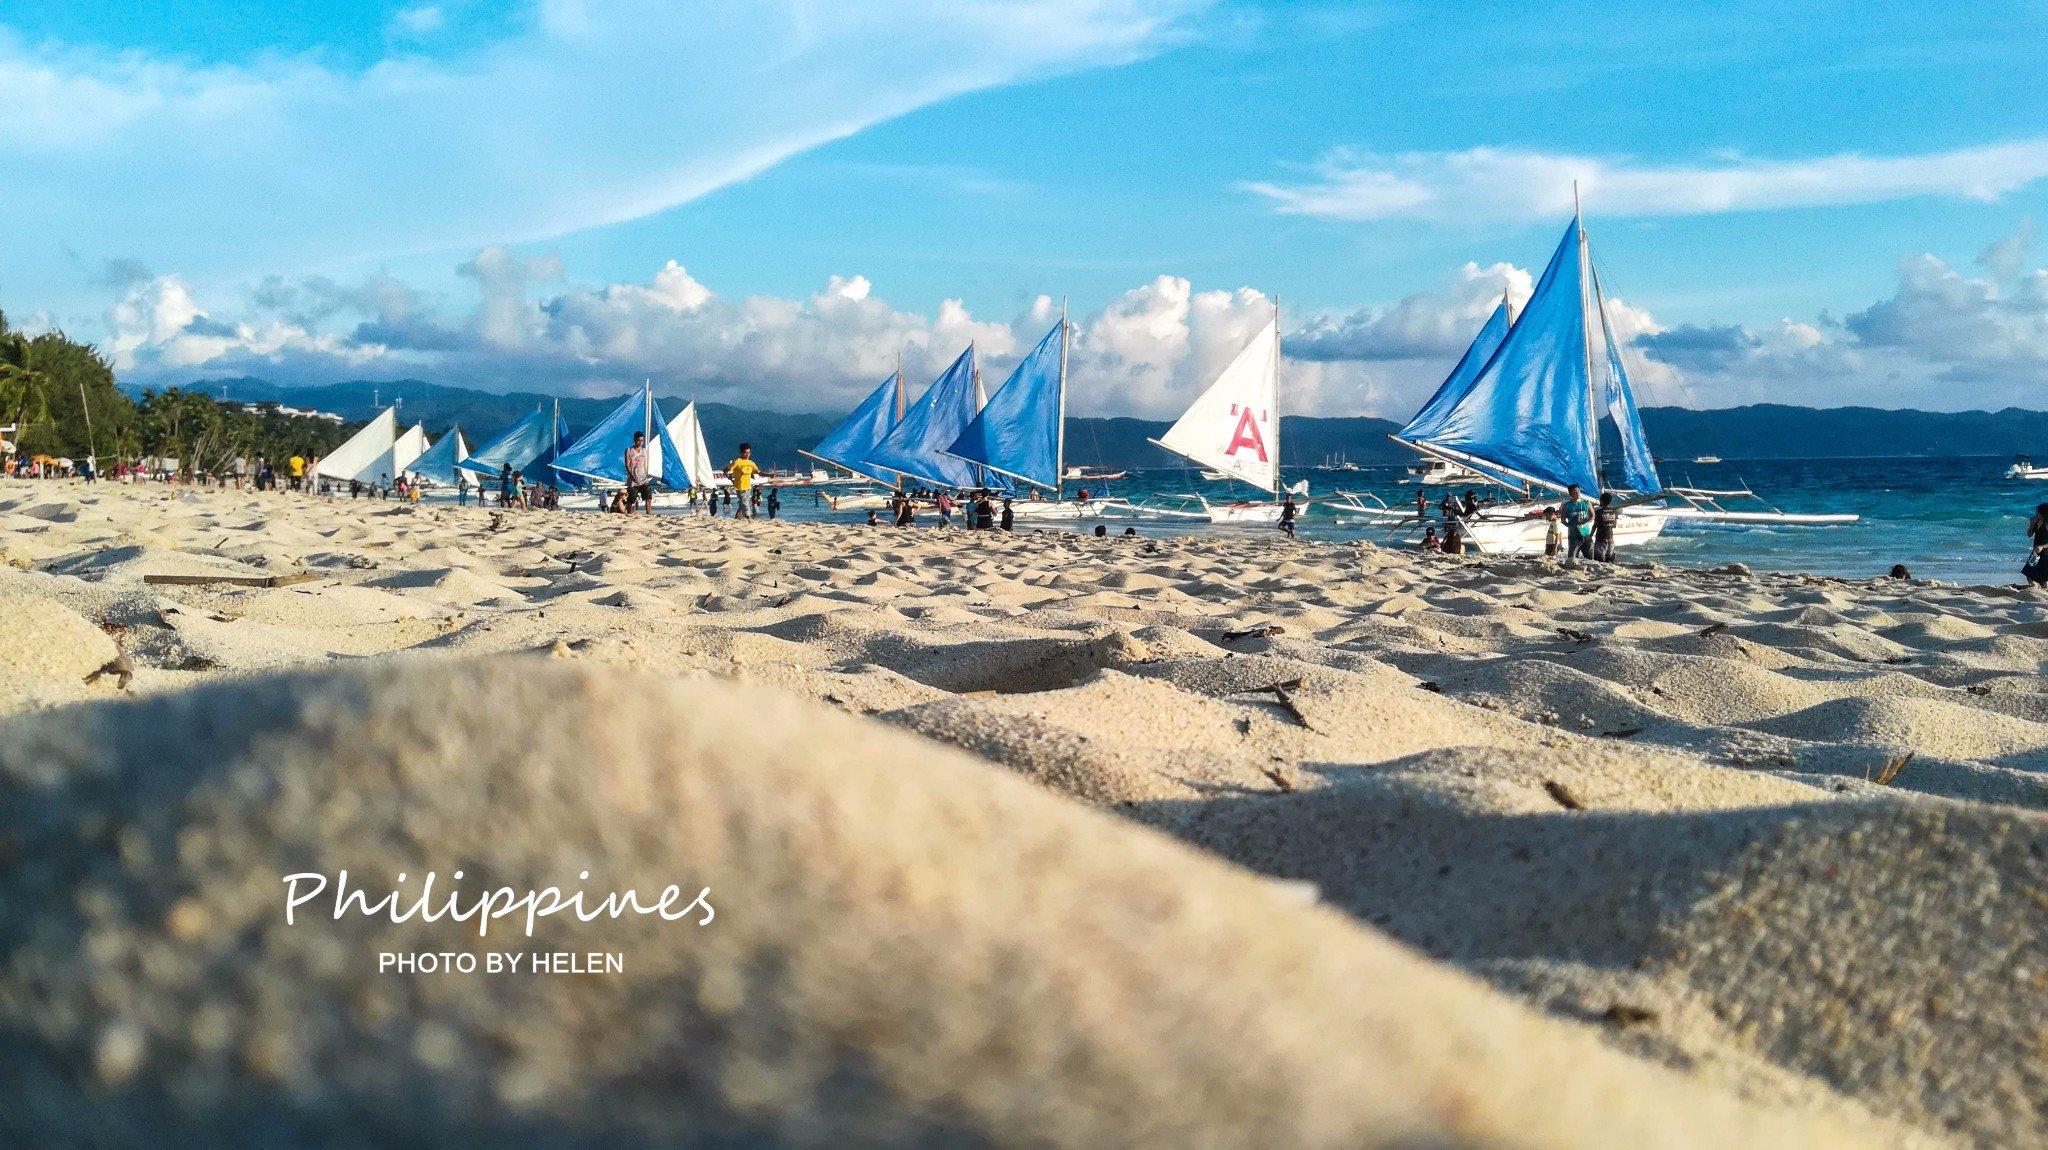 ❀背锅去旅行的大小M穷游系列❀14天5000元穷游菲律宾,从长滩岛到杜马盖地